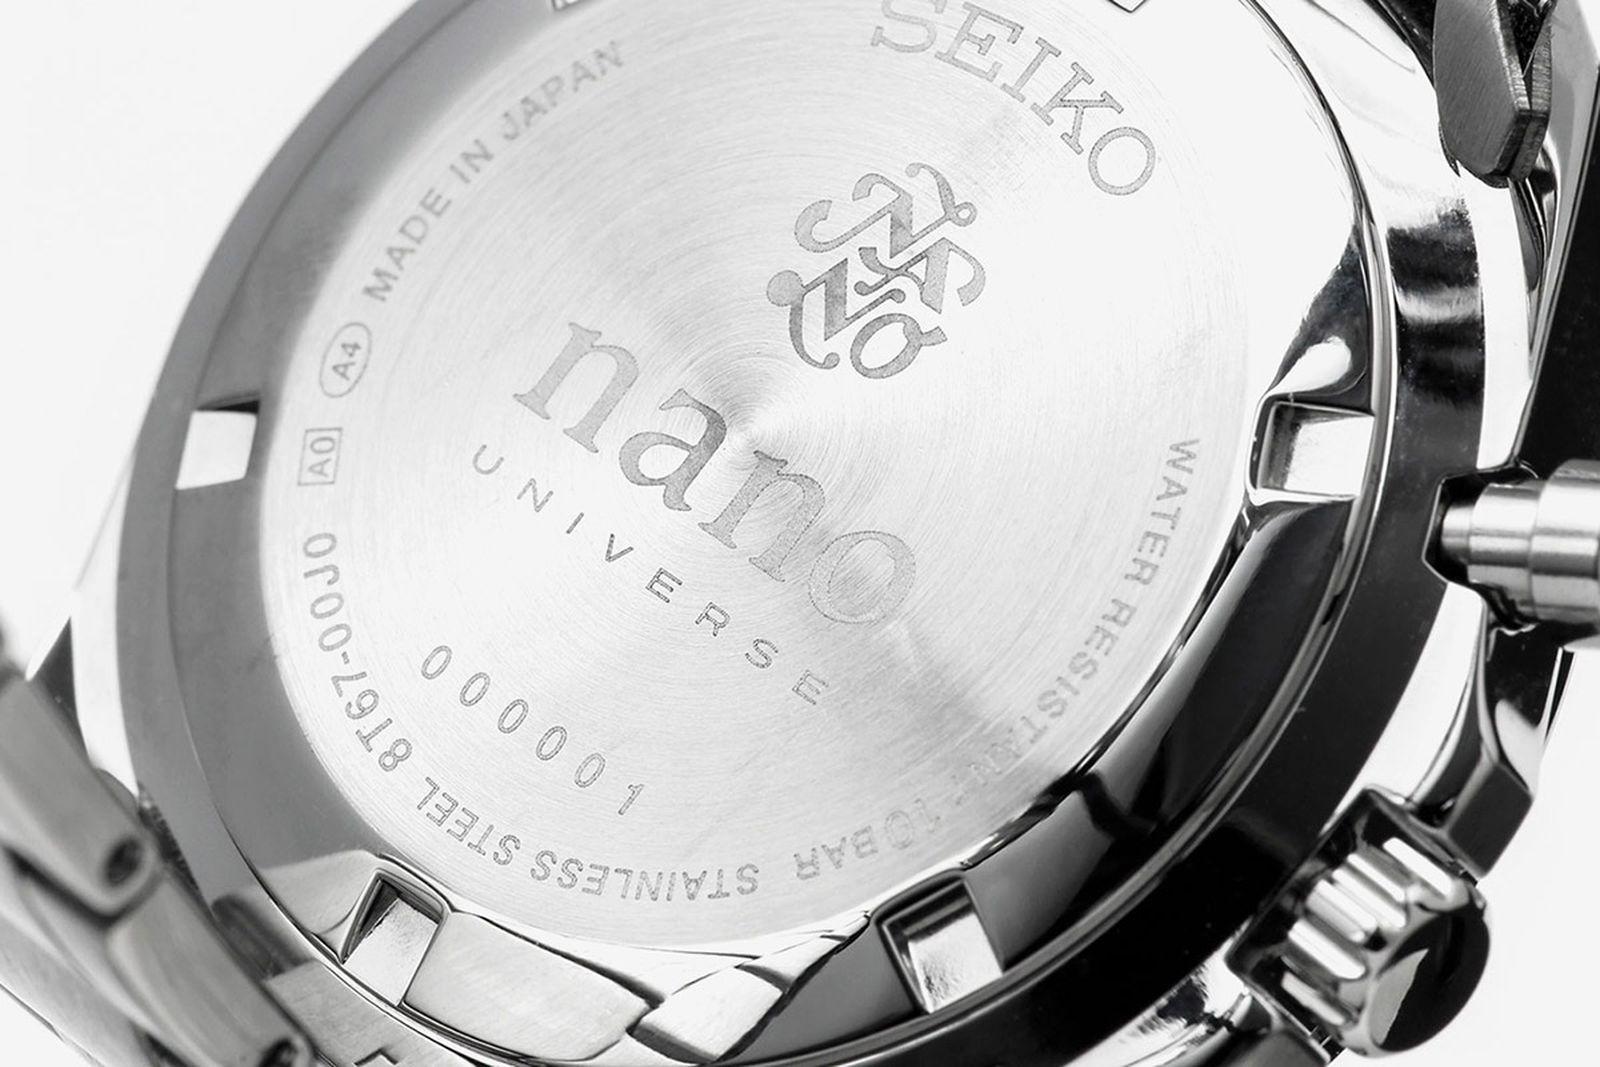 seiko-nano-universe-szsj005-watch-03